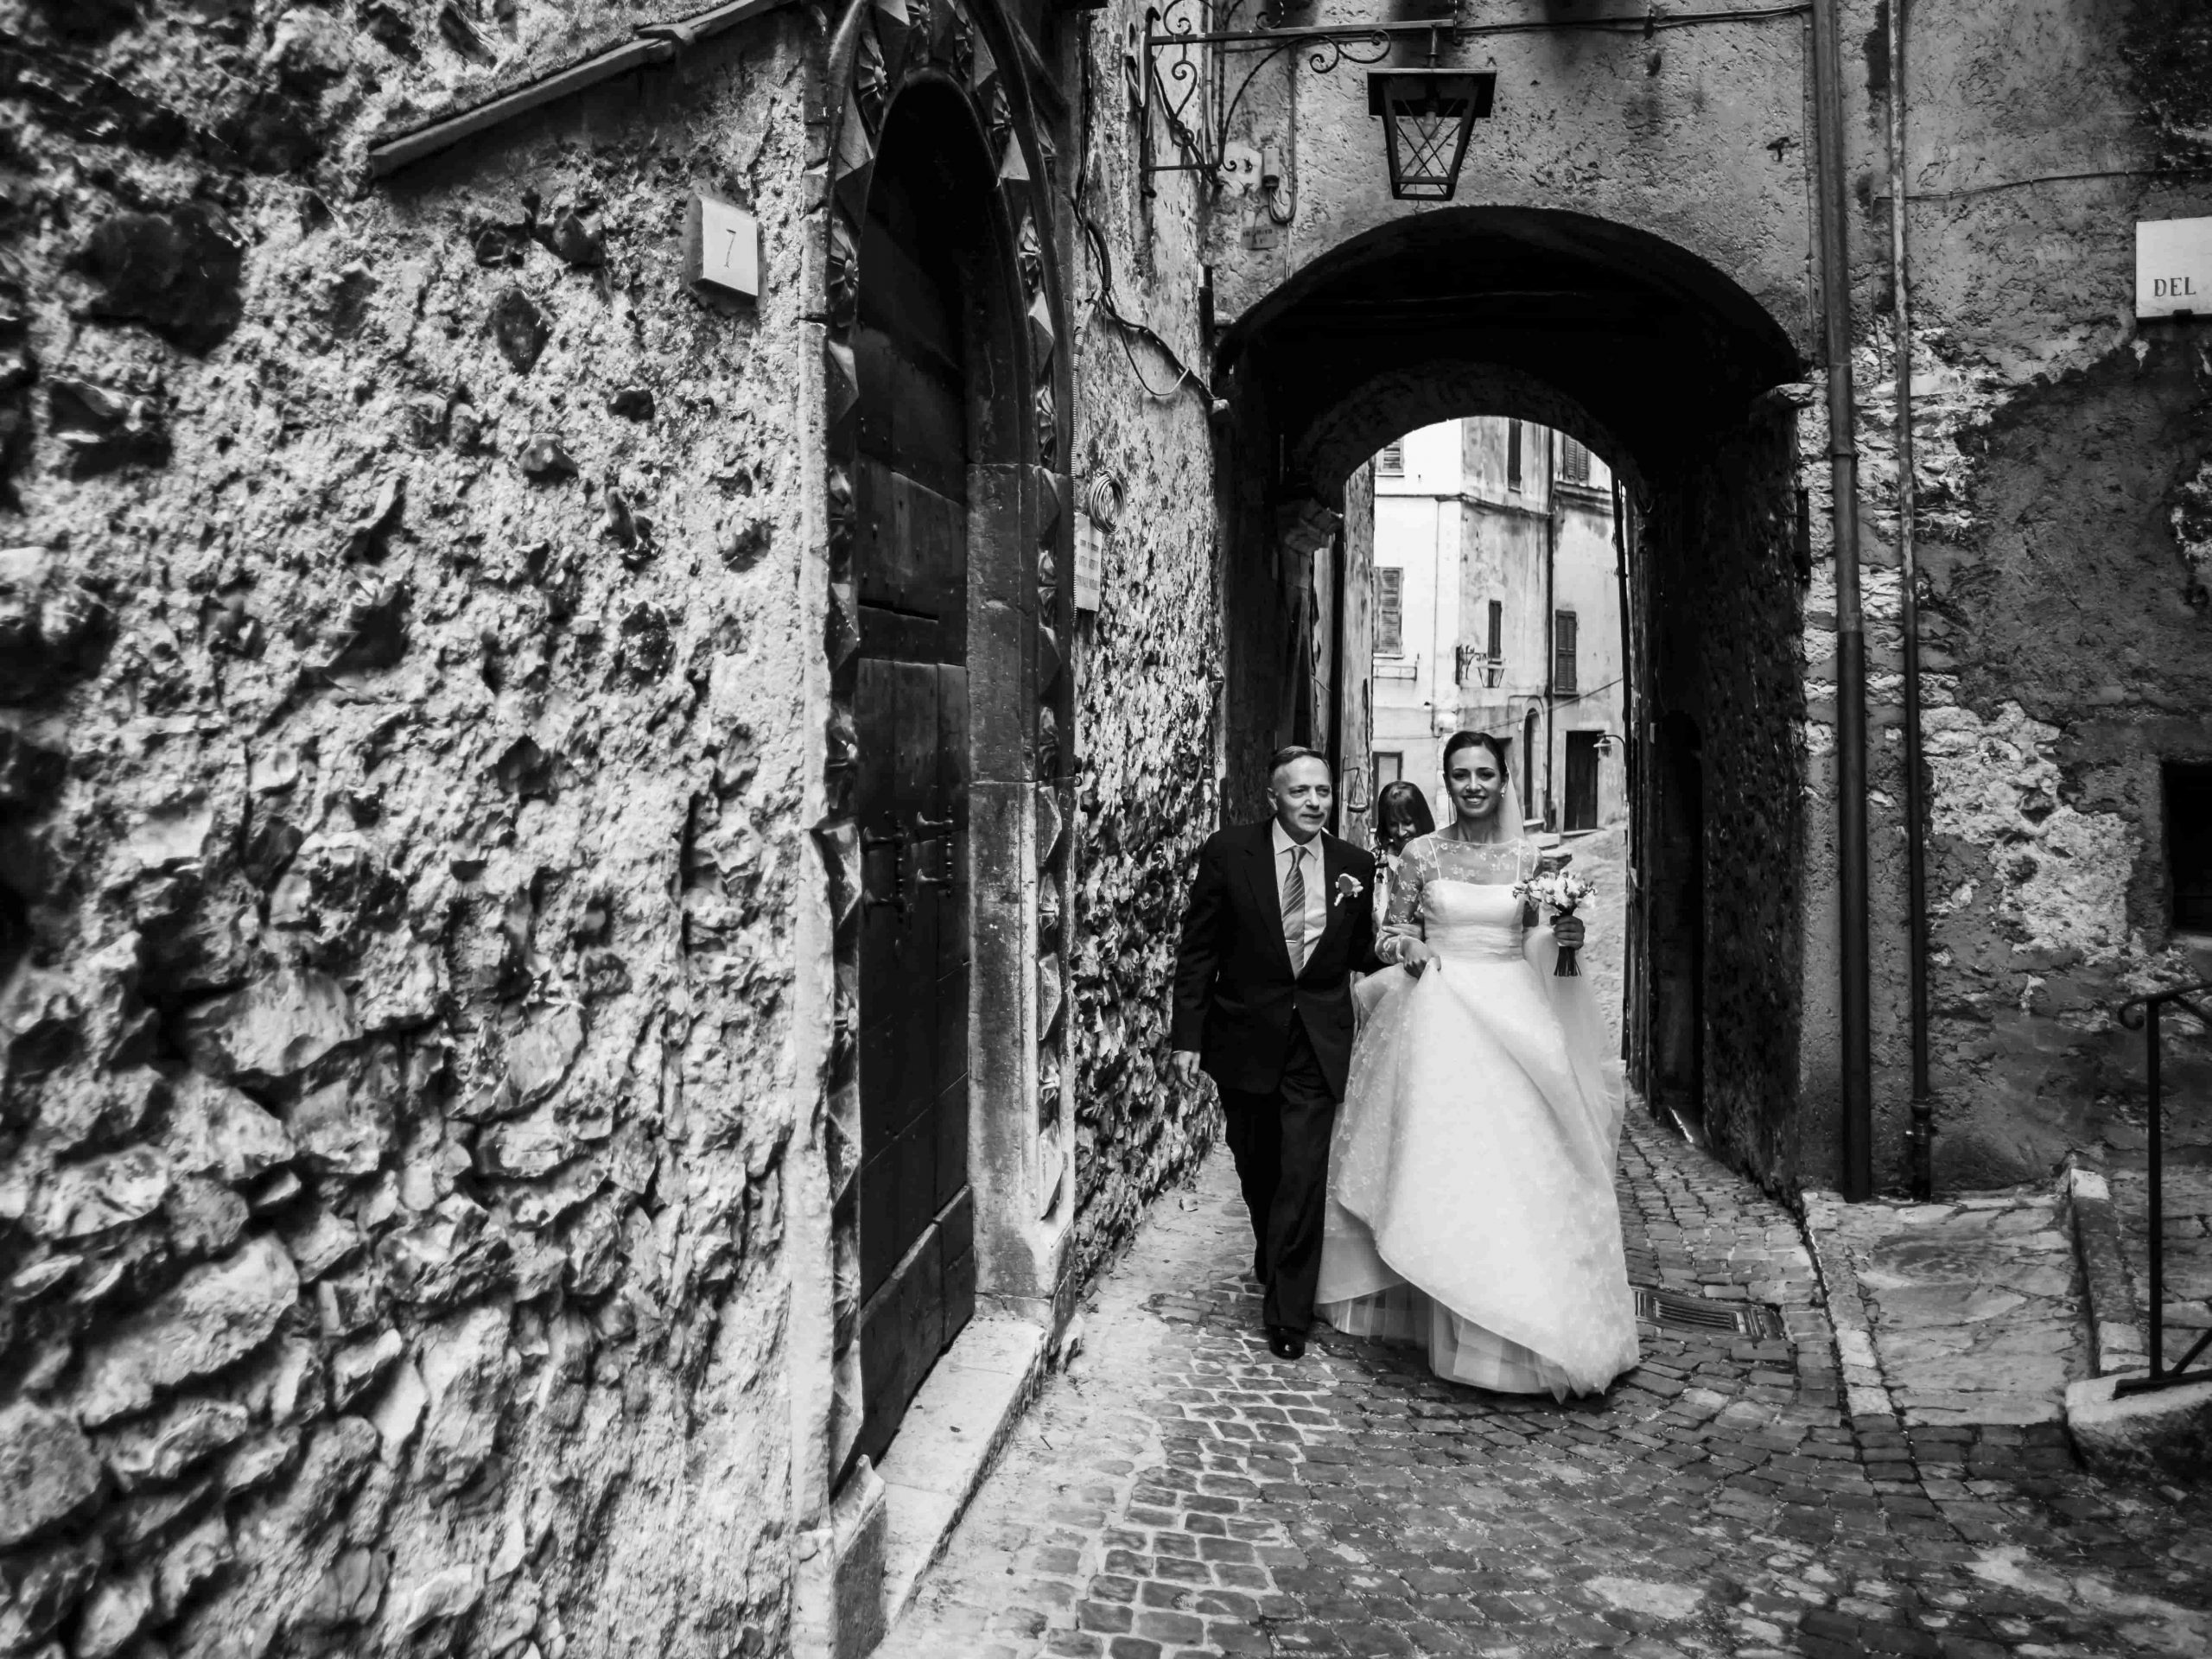 Chi paga il vestito della sposa?